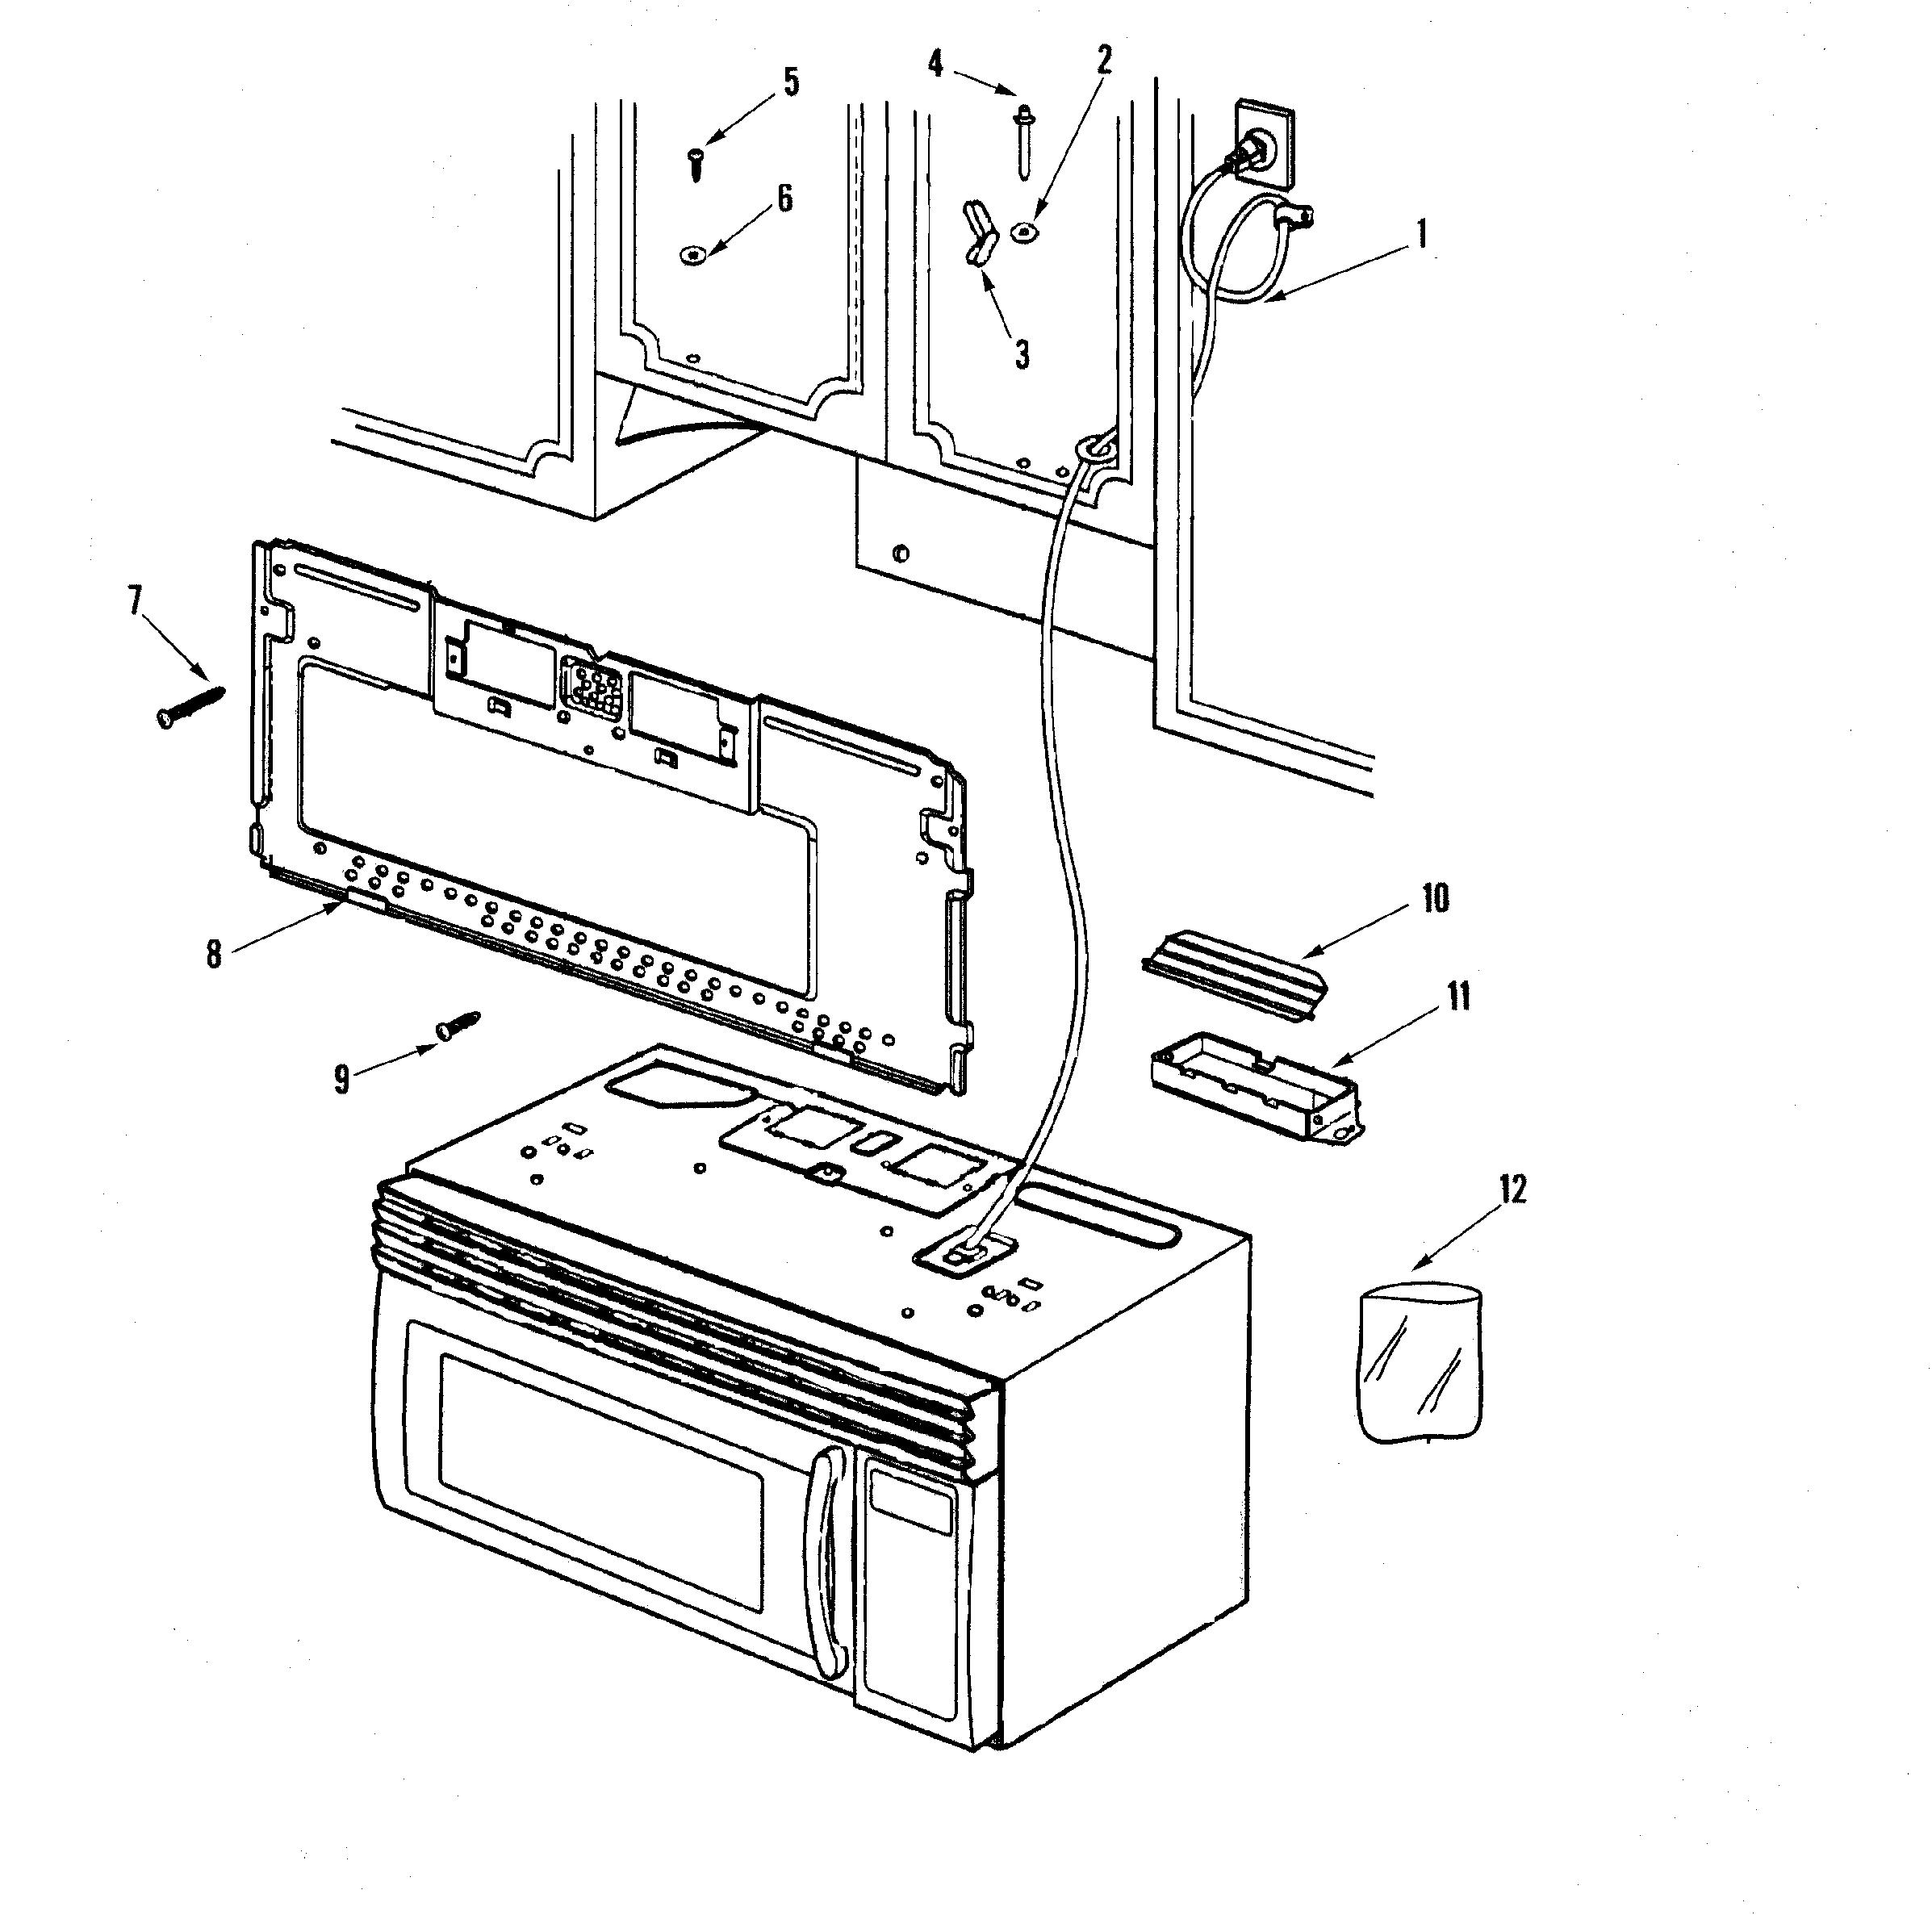 MAYTAG Maytag Microwave install